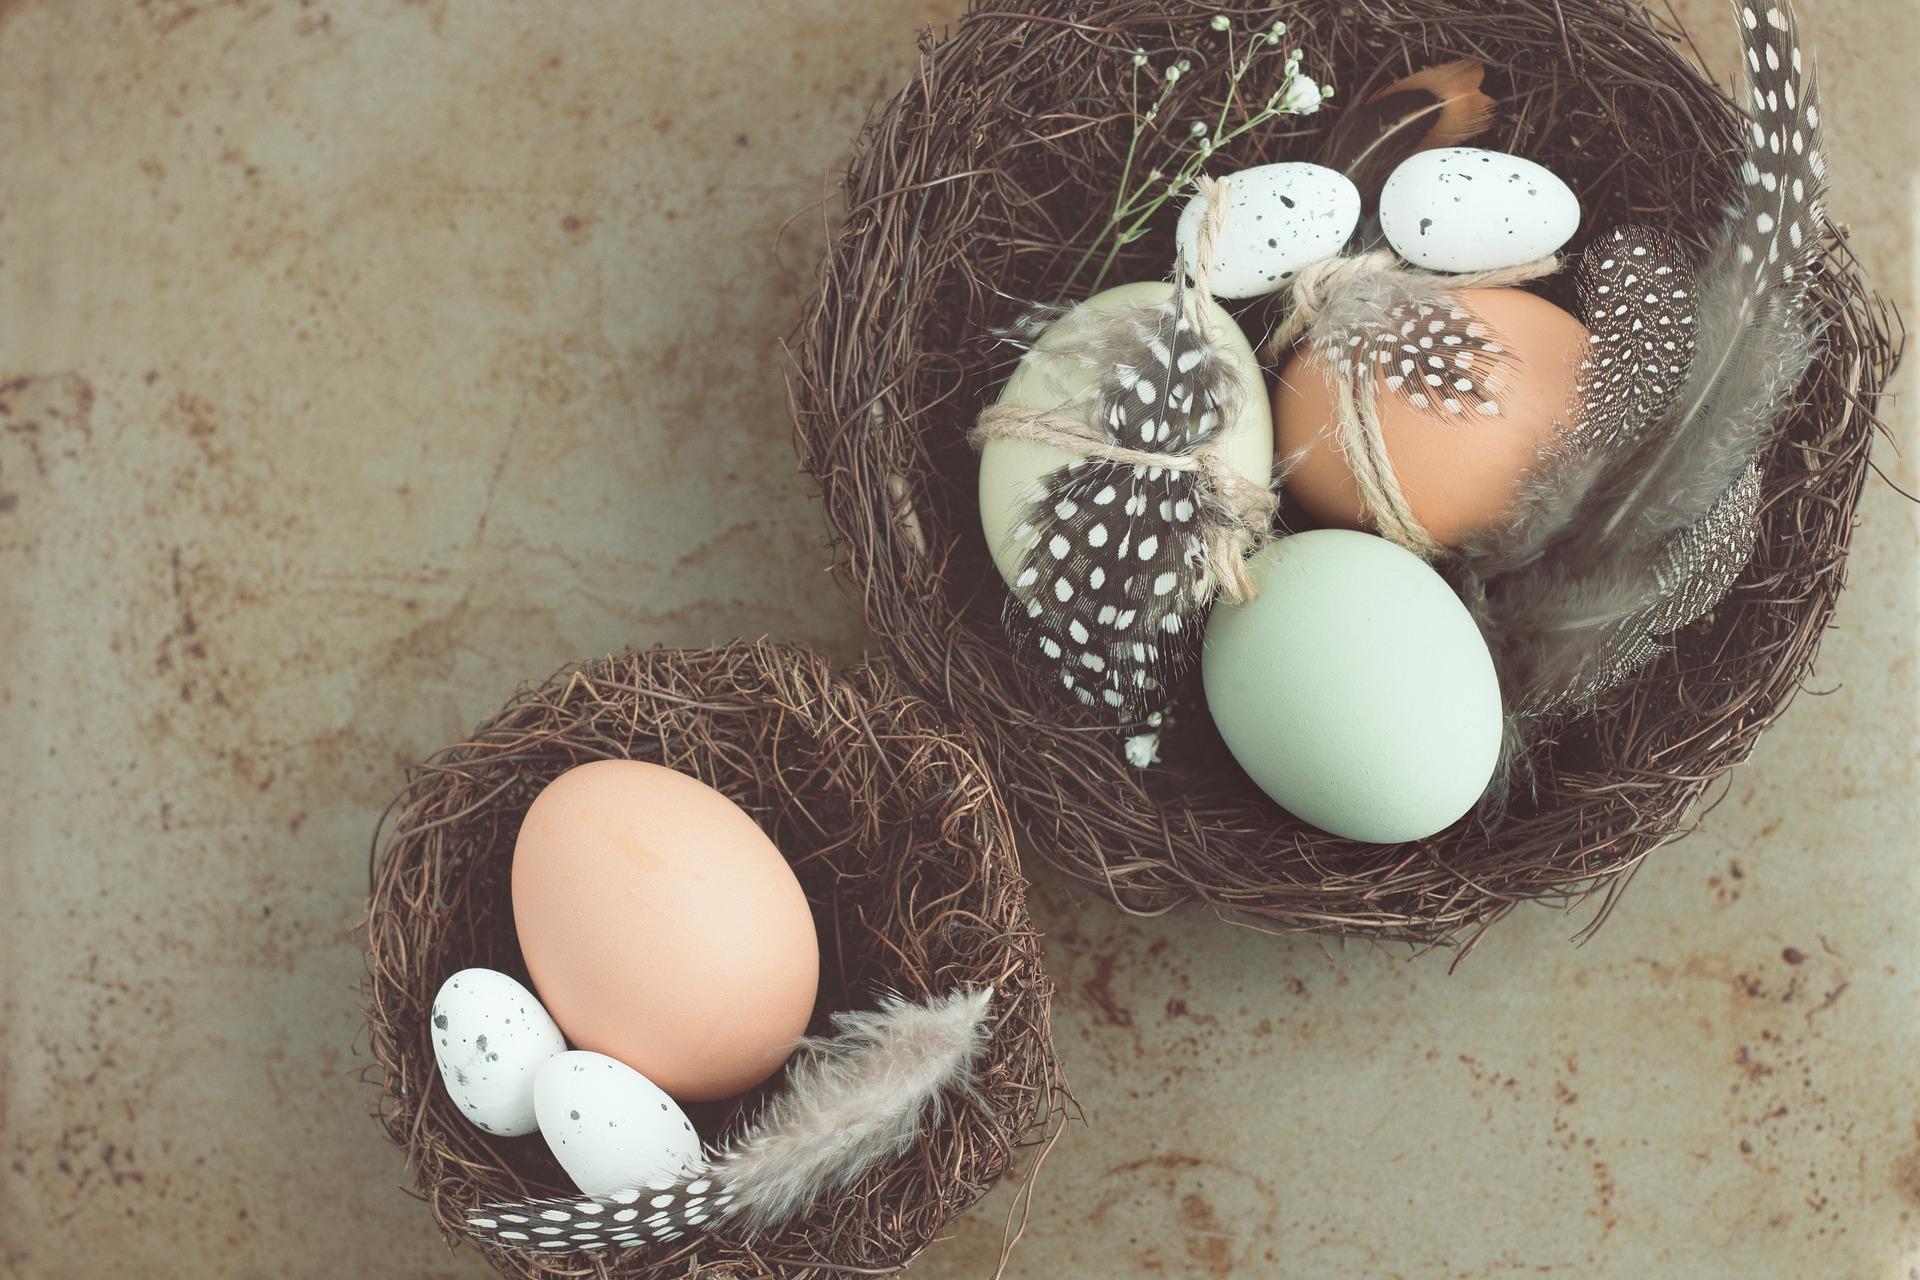 Co jste nevěděli o vejcích?